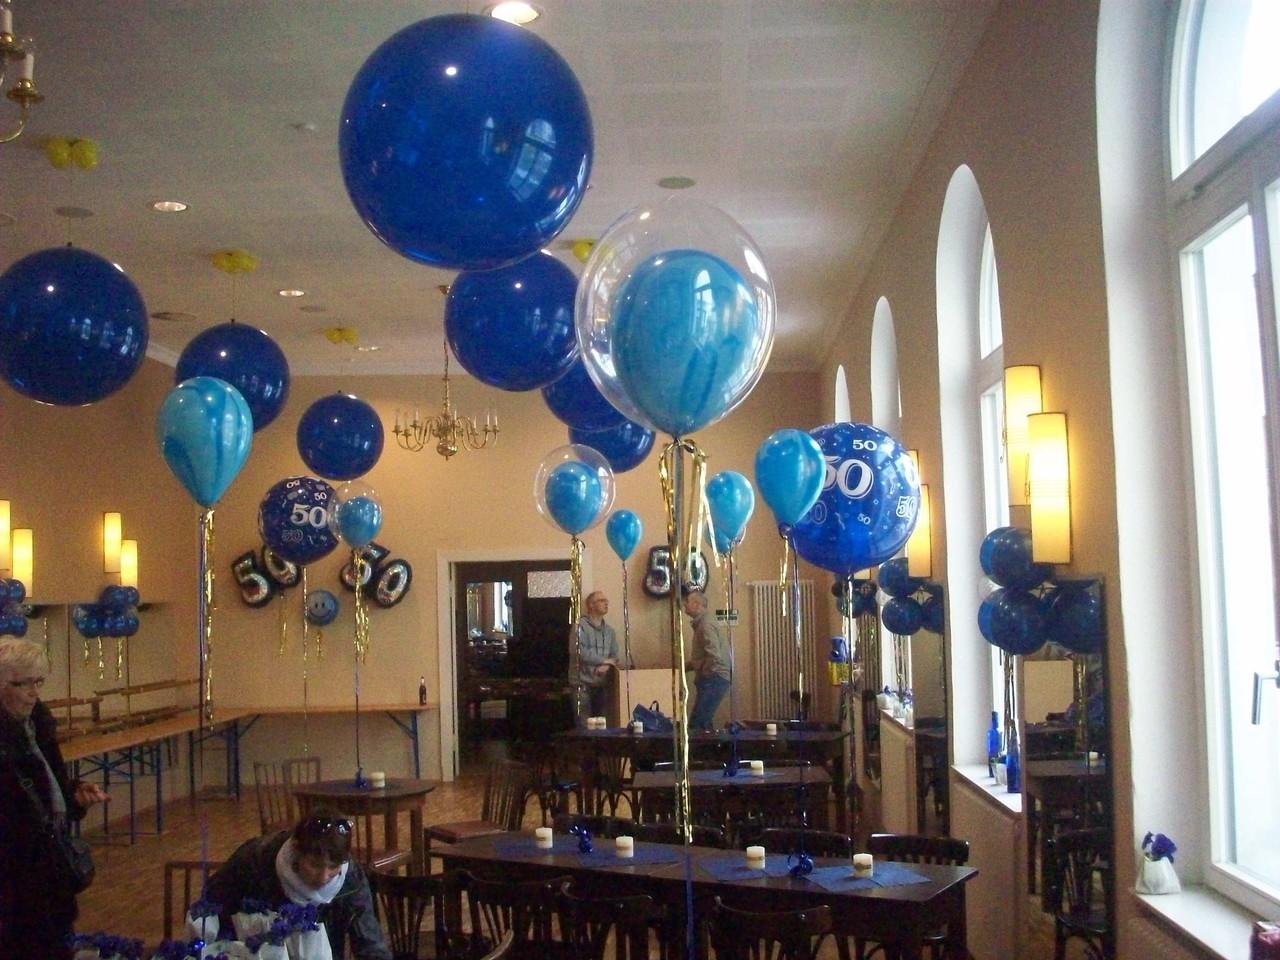 Bubble-Balloons im Marmor-Design wirken edel und zeigen keine 50.